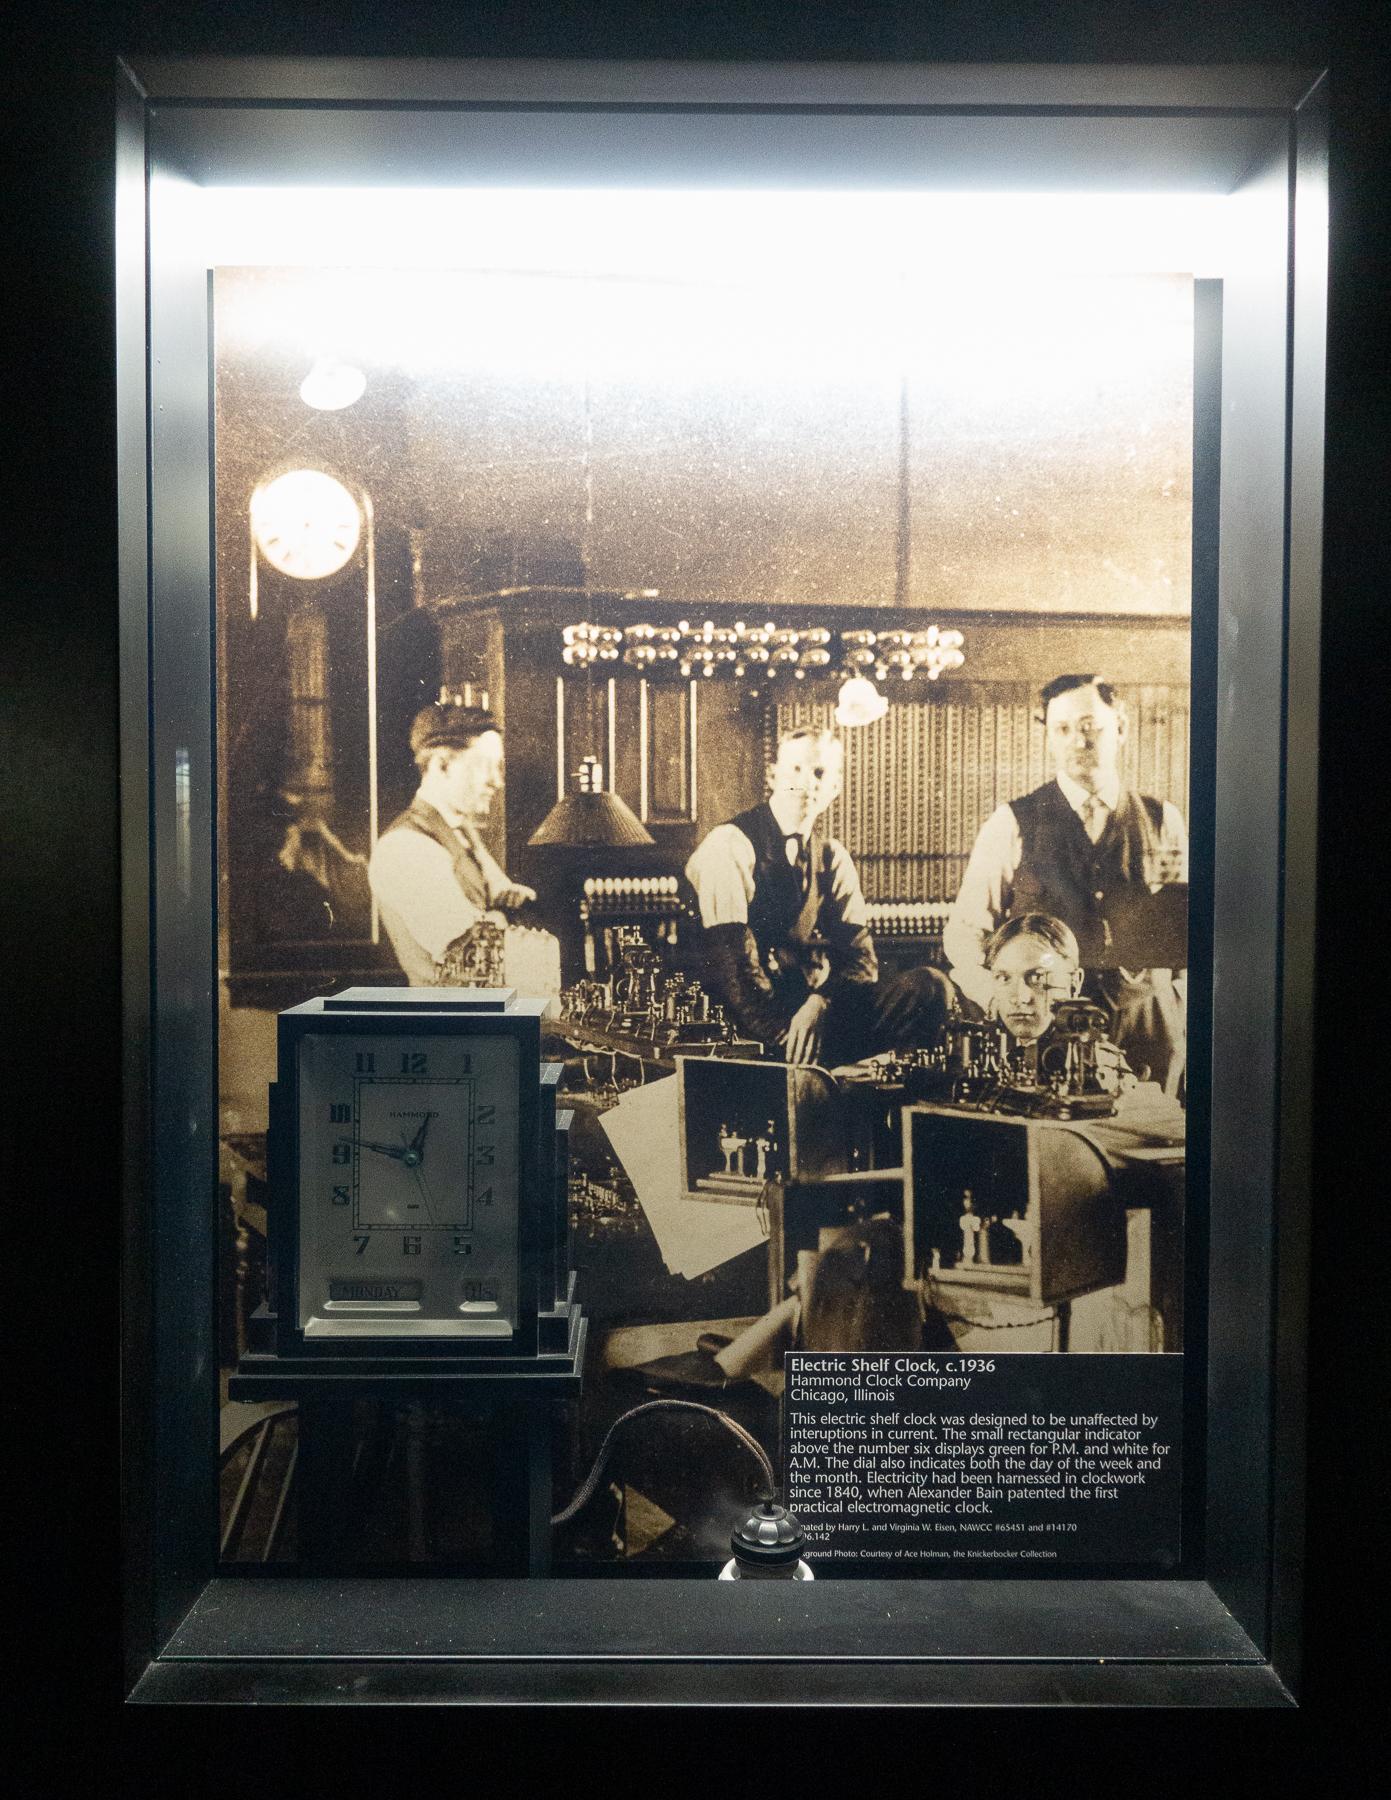 Electric Shelf Watch